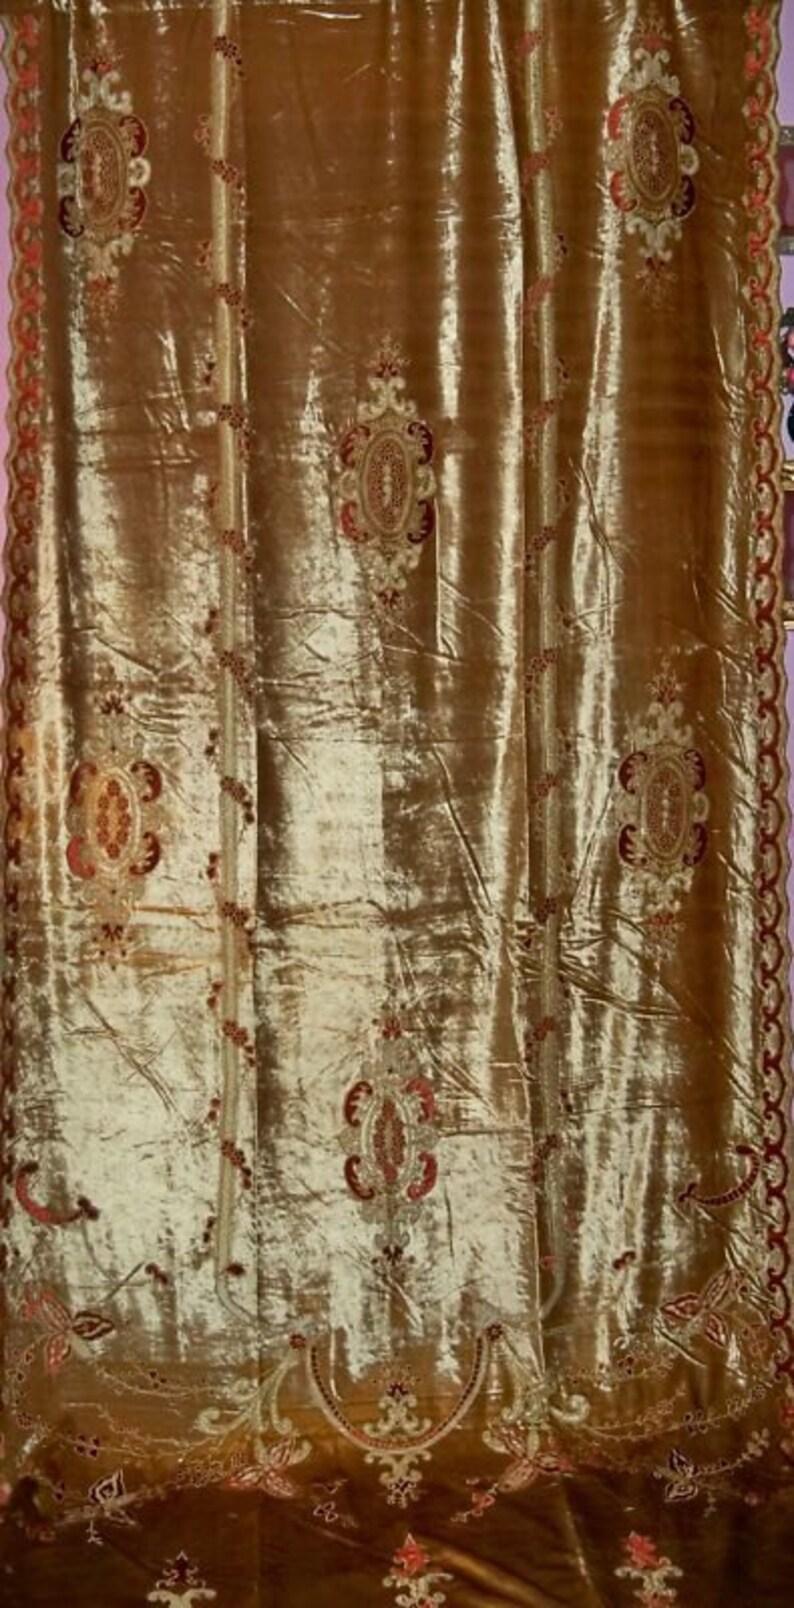 Tende In Velluto Di Seta carlota mozzafiata ricamato in velluto di seta tessuto tende pannelli oro